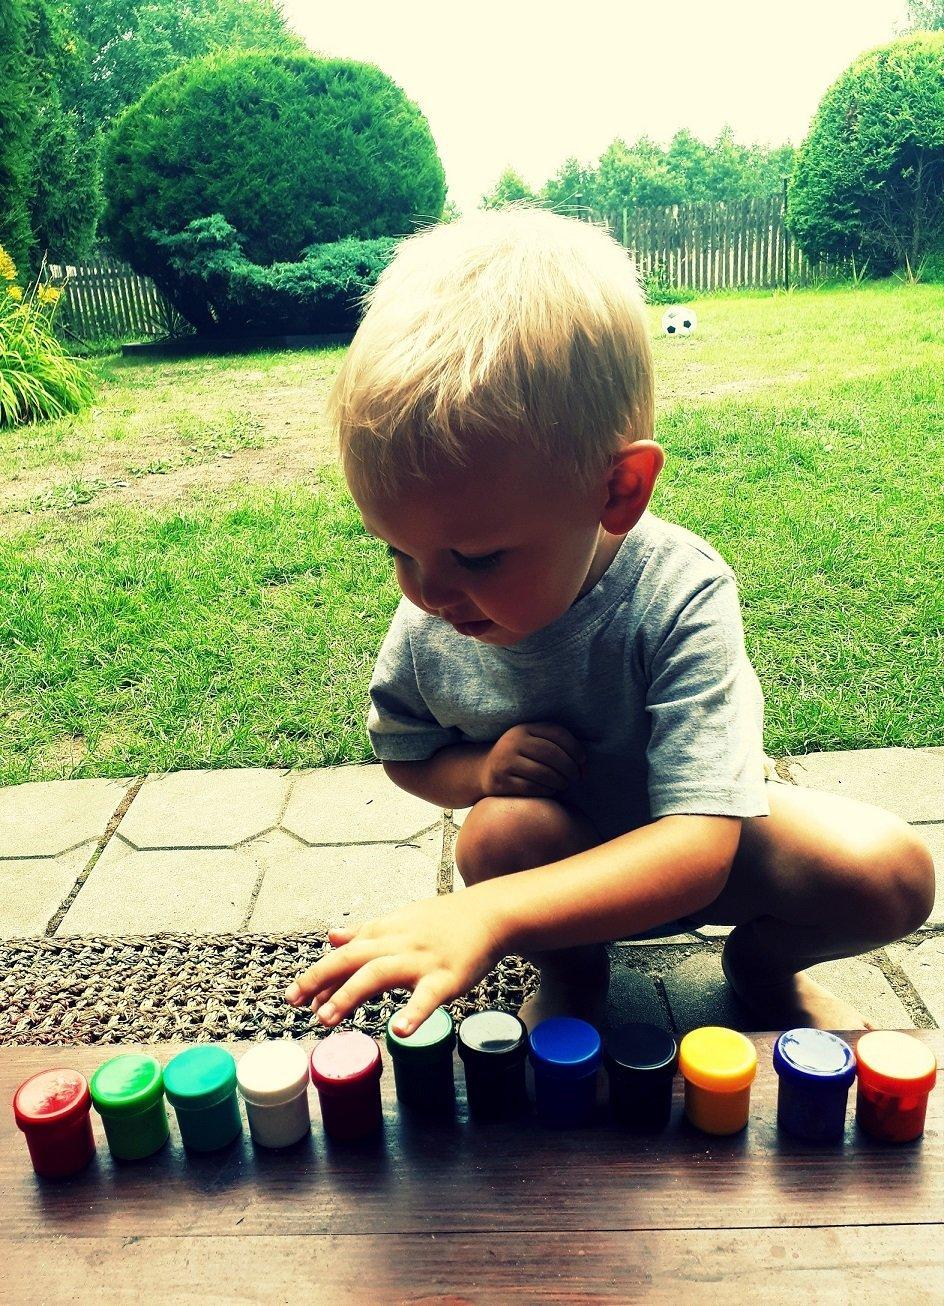 Mały chłopczyk i farb spółka :)